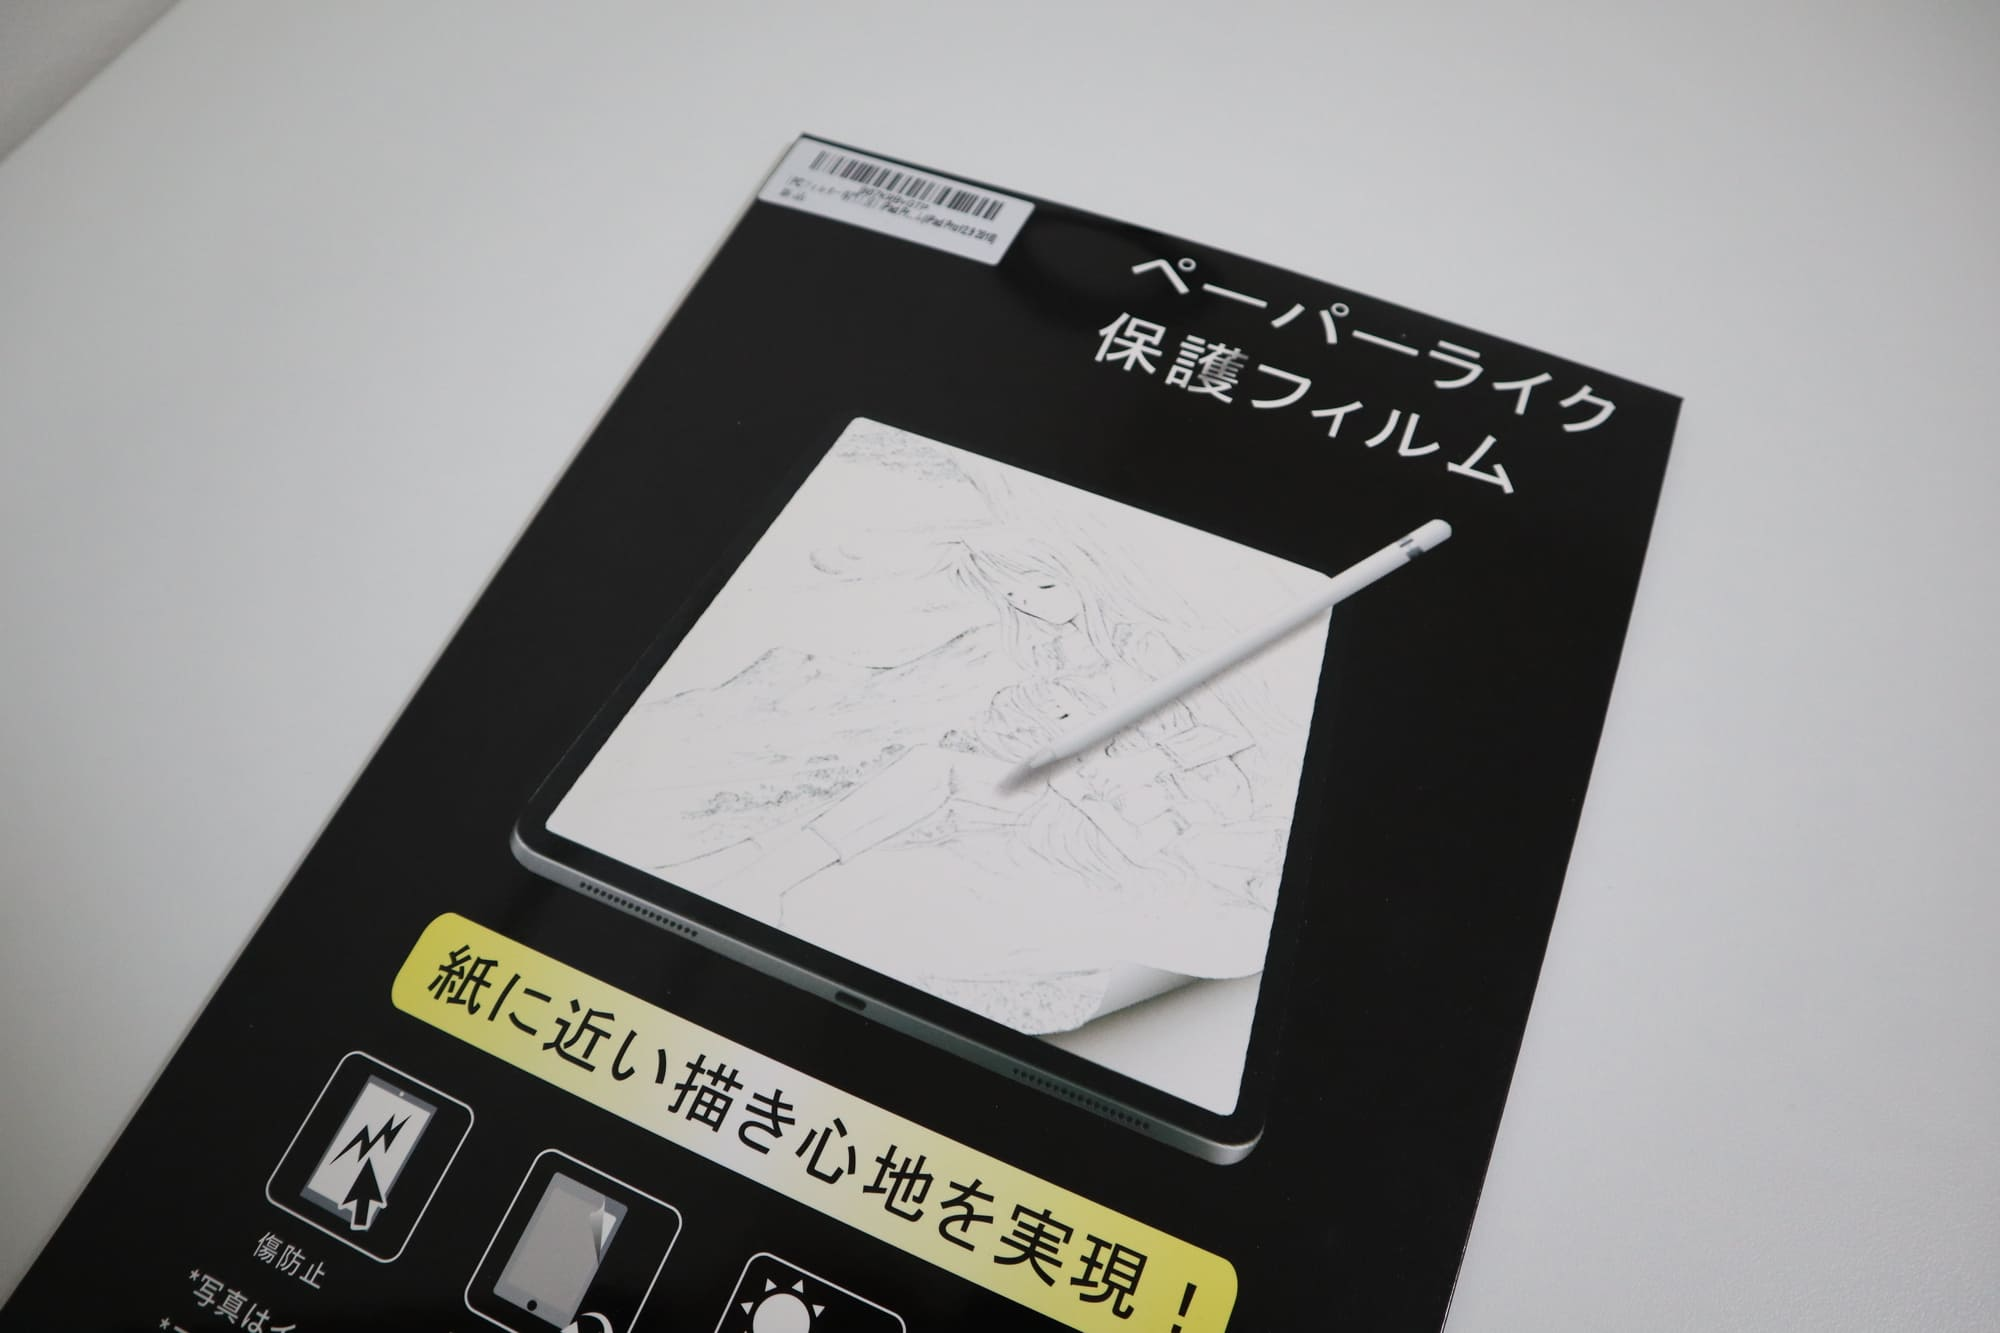 「PCフィルター専門工房」のペーパーライクフィルムを購入